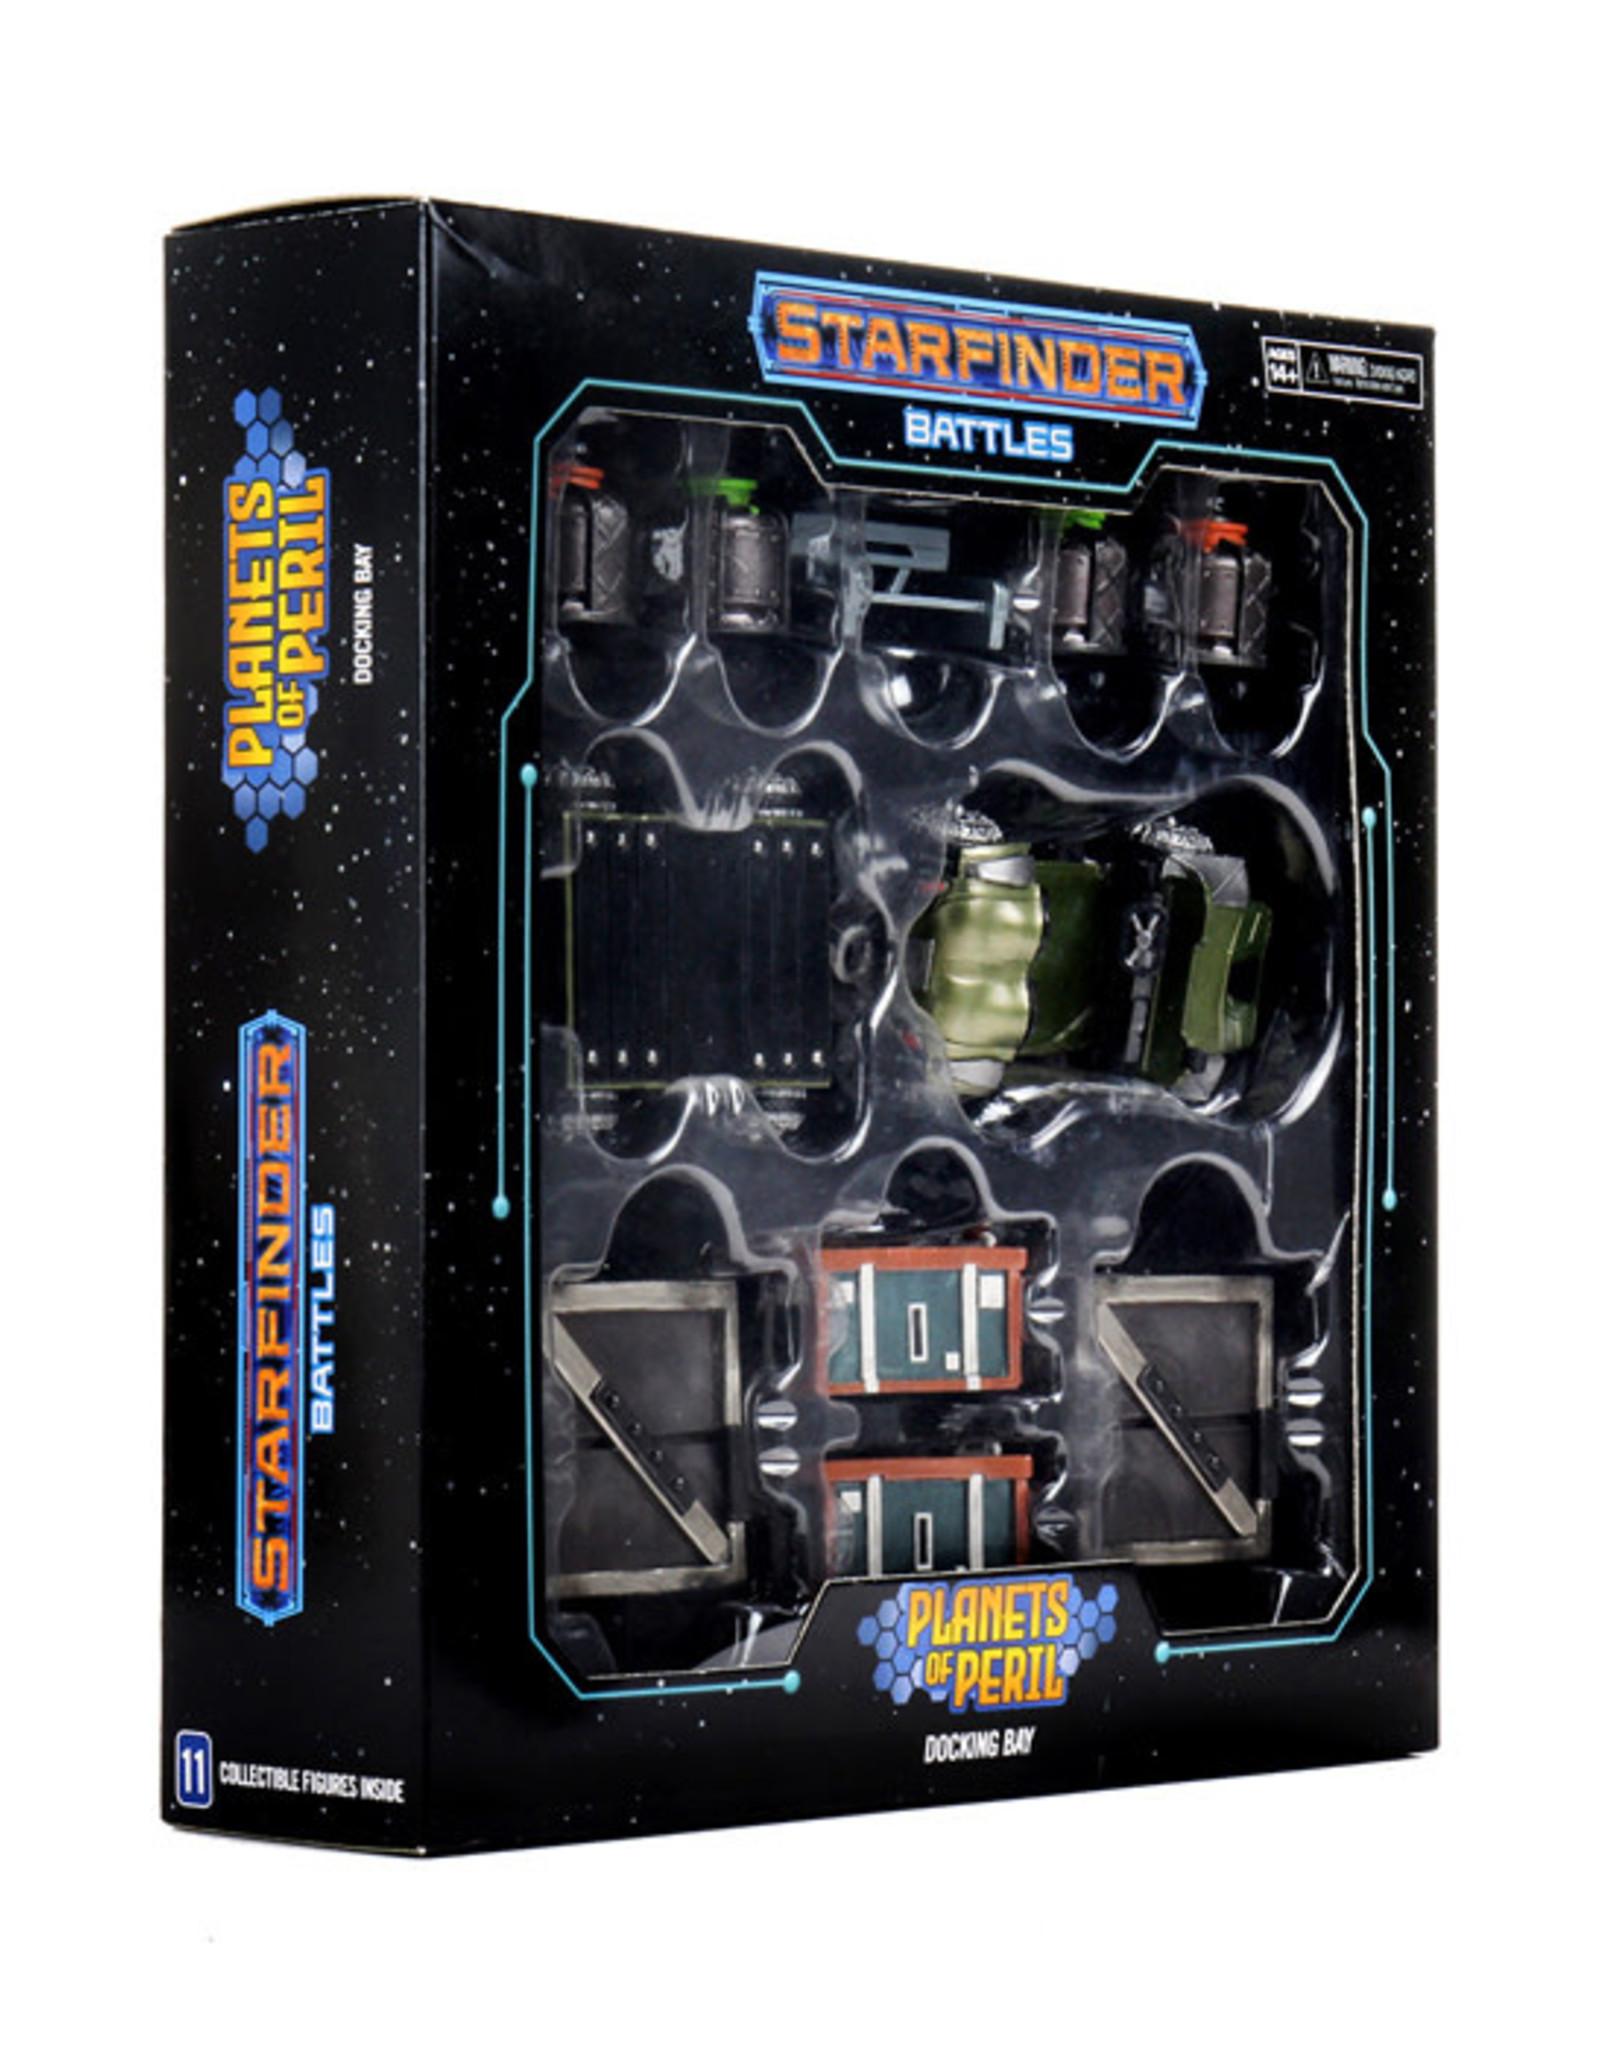 Starfinder Starfinder Battles: Planets of Peril - Docking Bay Premium Set